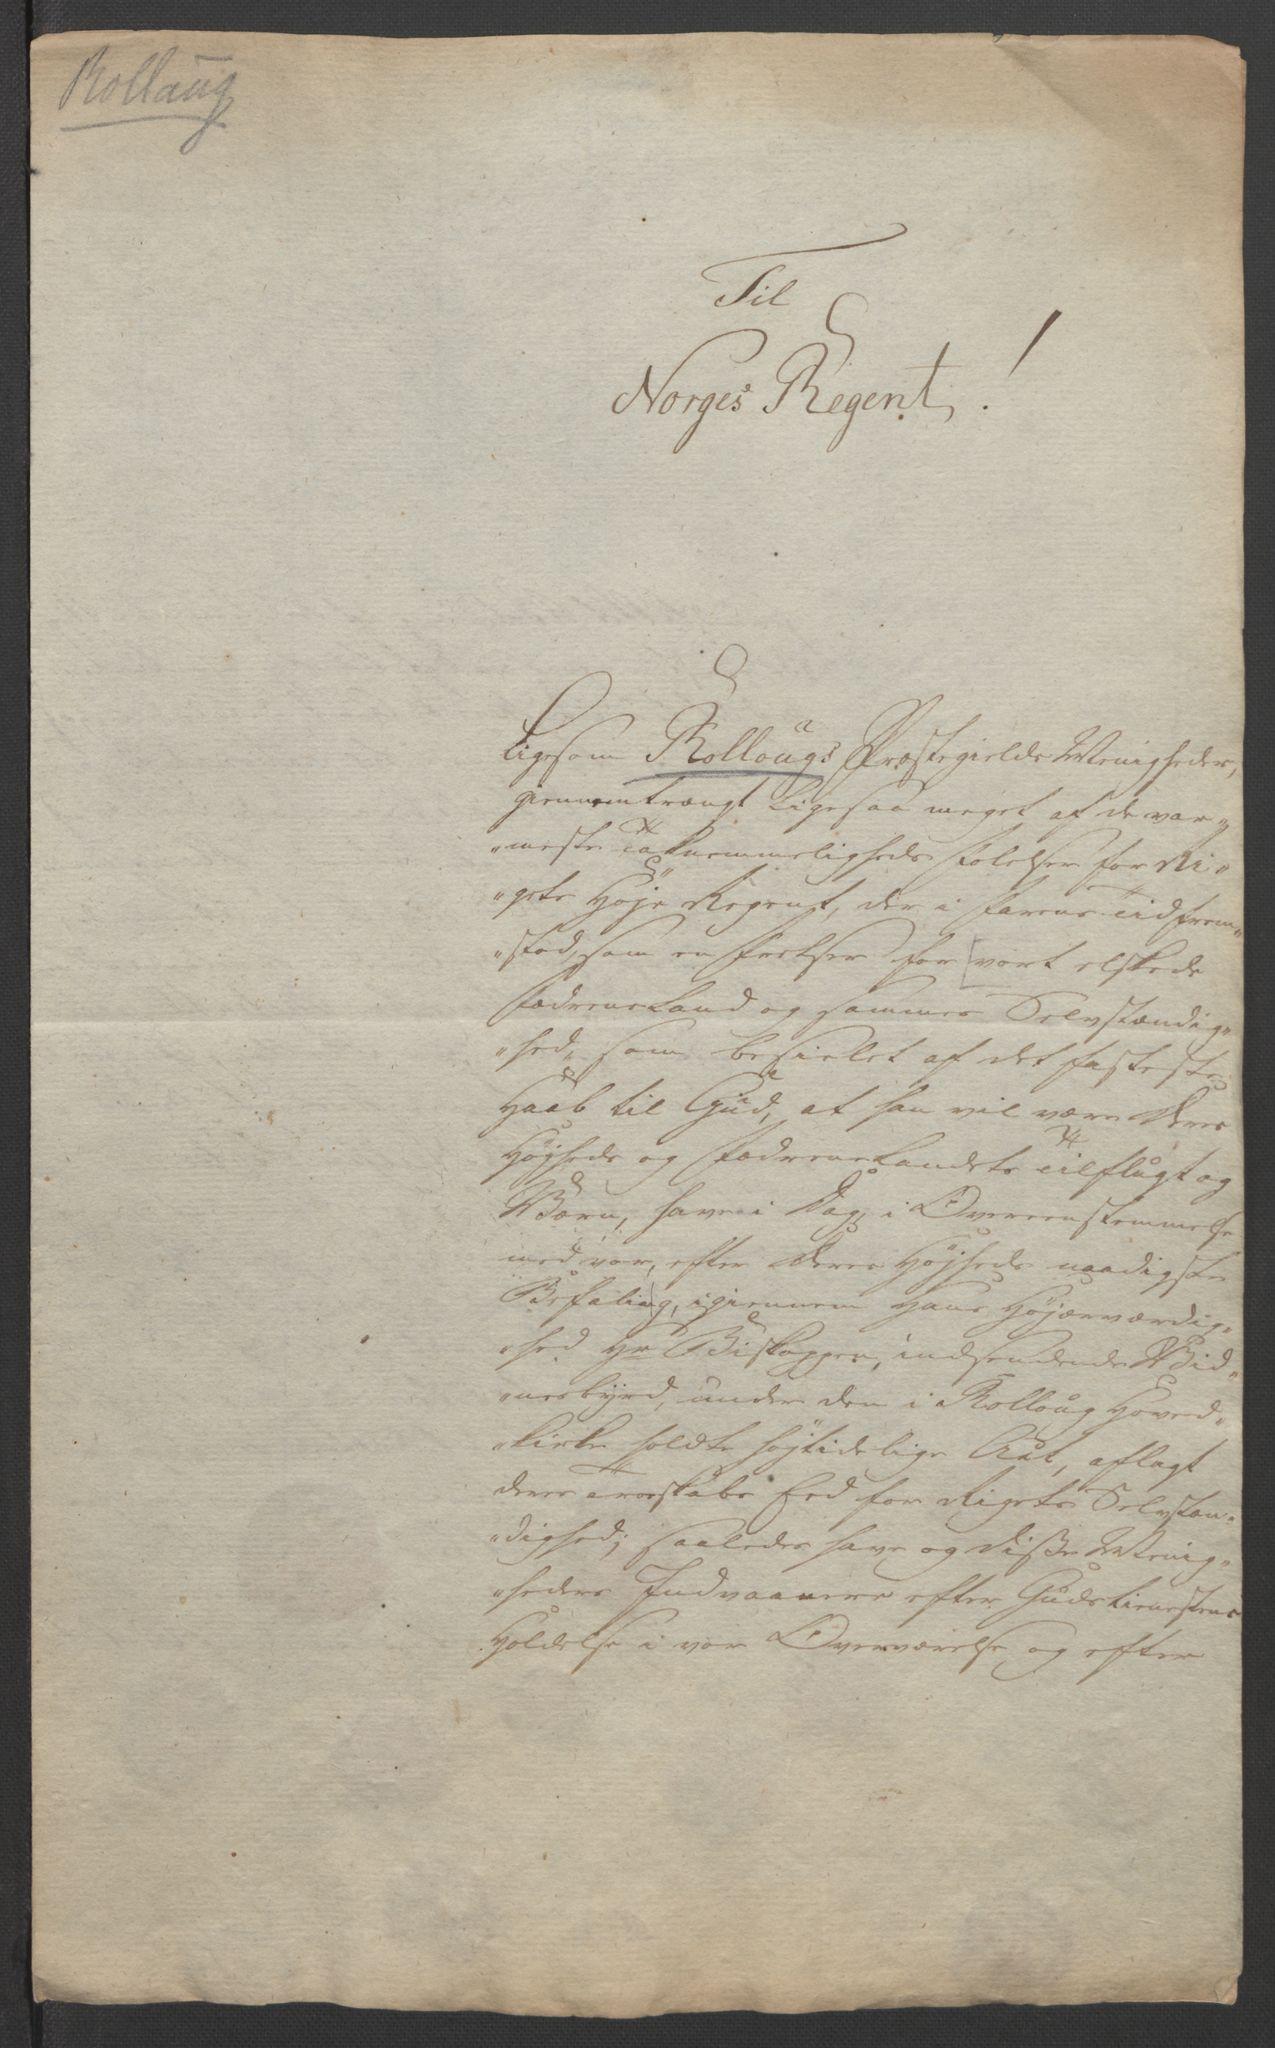 RA, Statsrådssekretariatet, D/Db/L0007: Fullmakter for Eidsvollsrepresentantene i 1814. , 1814, s. 333